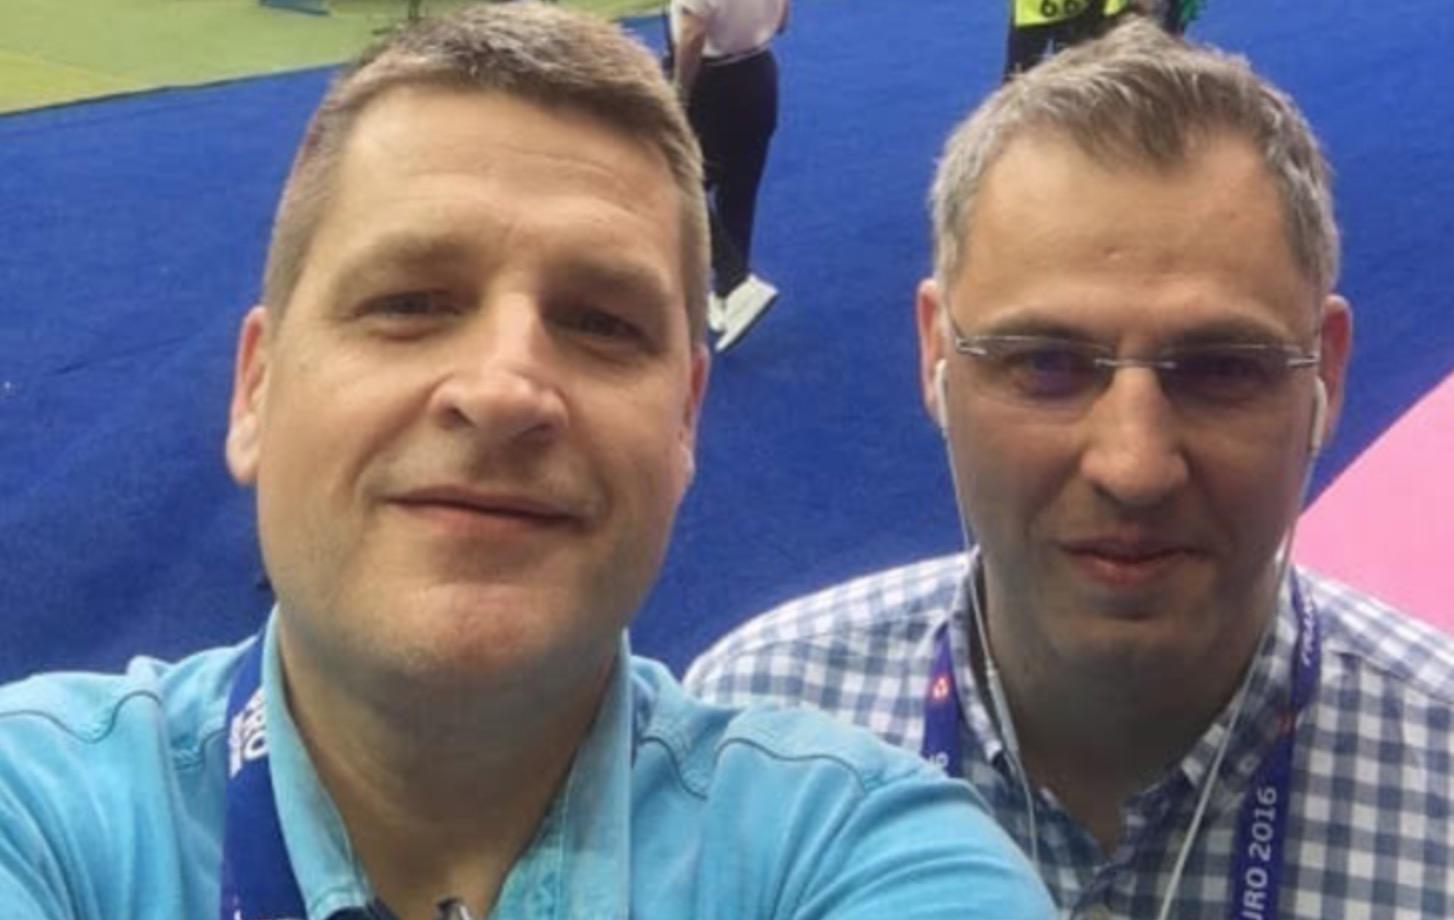 Felix Drăghici pleacă de la Pro Tv după 24 de ani! O nouă pierdere uriașă pentru PRO